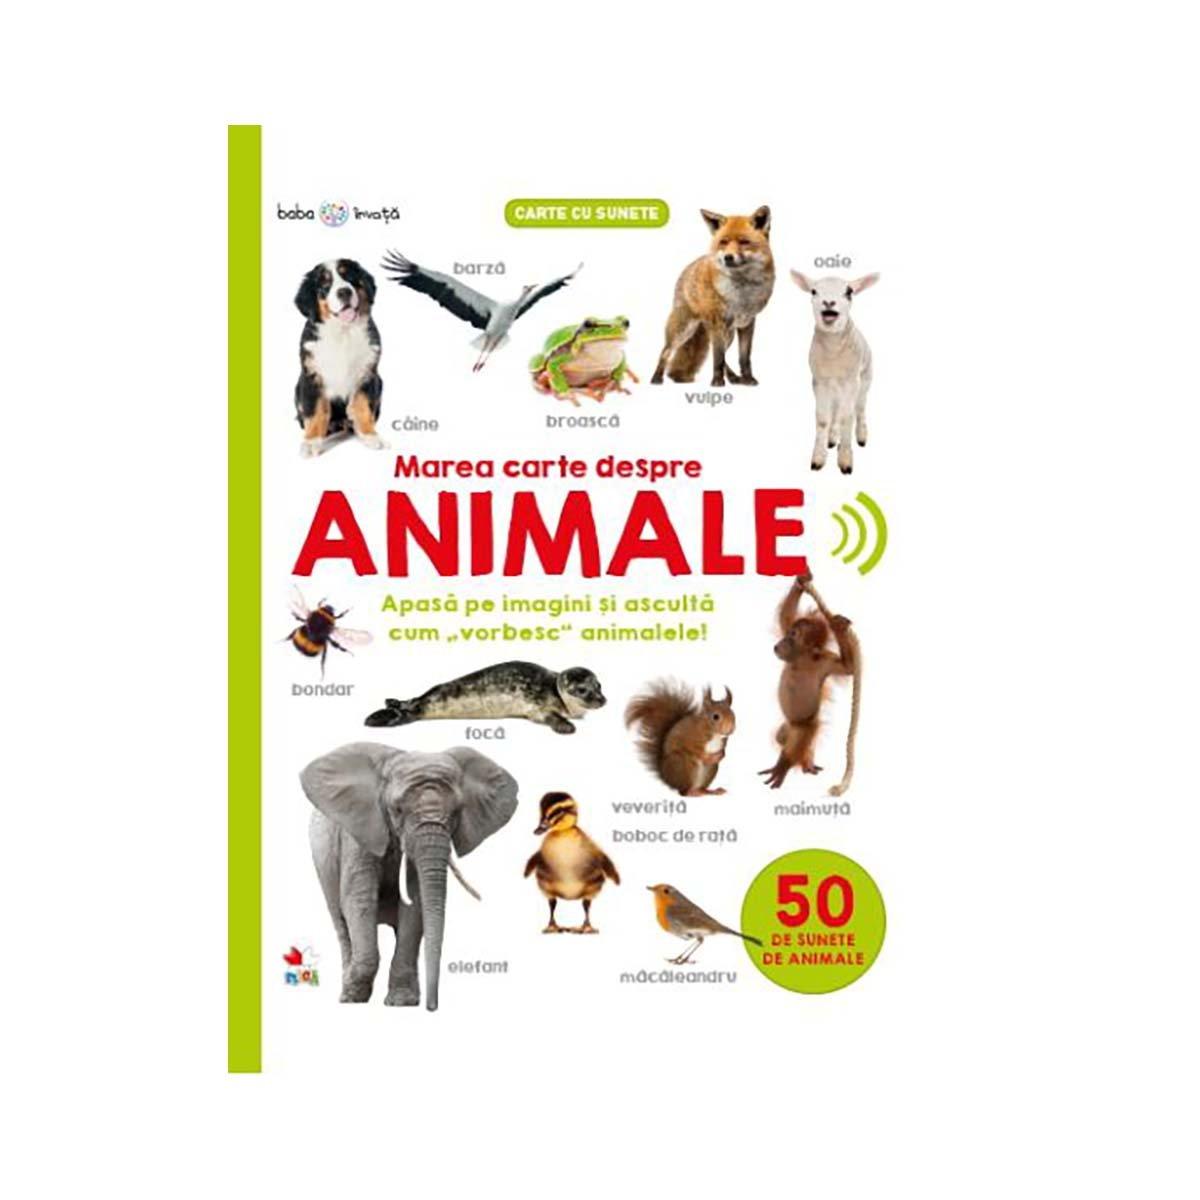 Carte Editura Litera, Bebe Invata, Marea carte despre animale